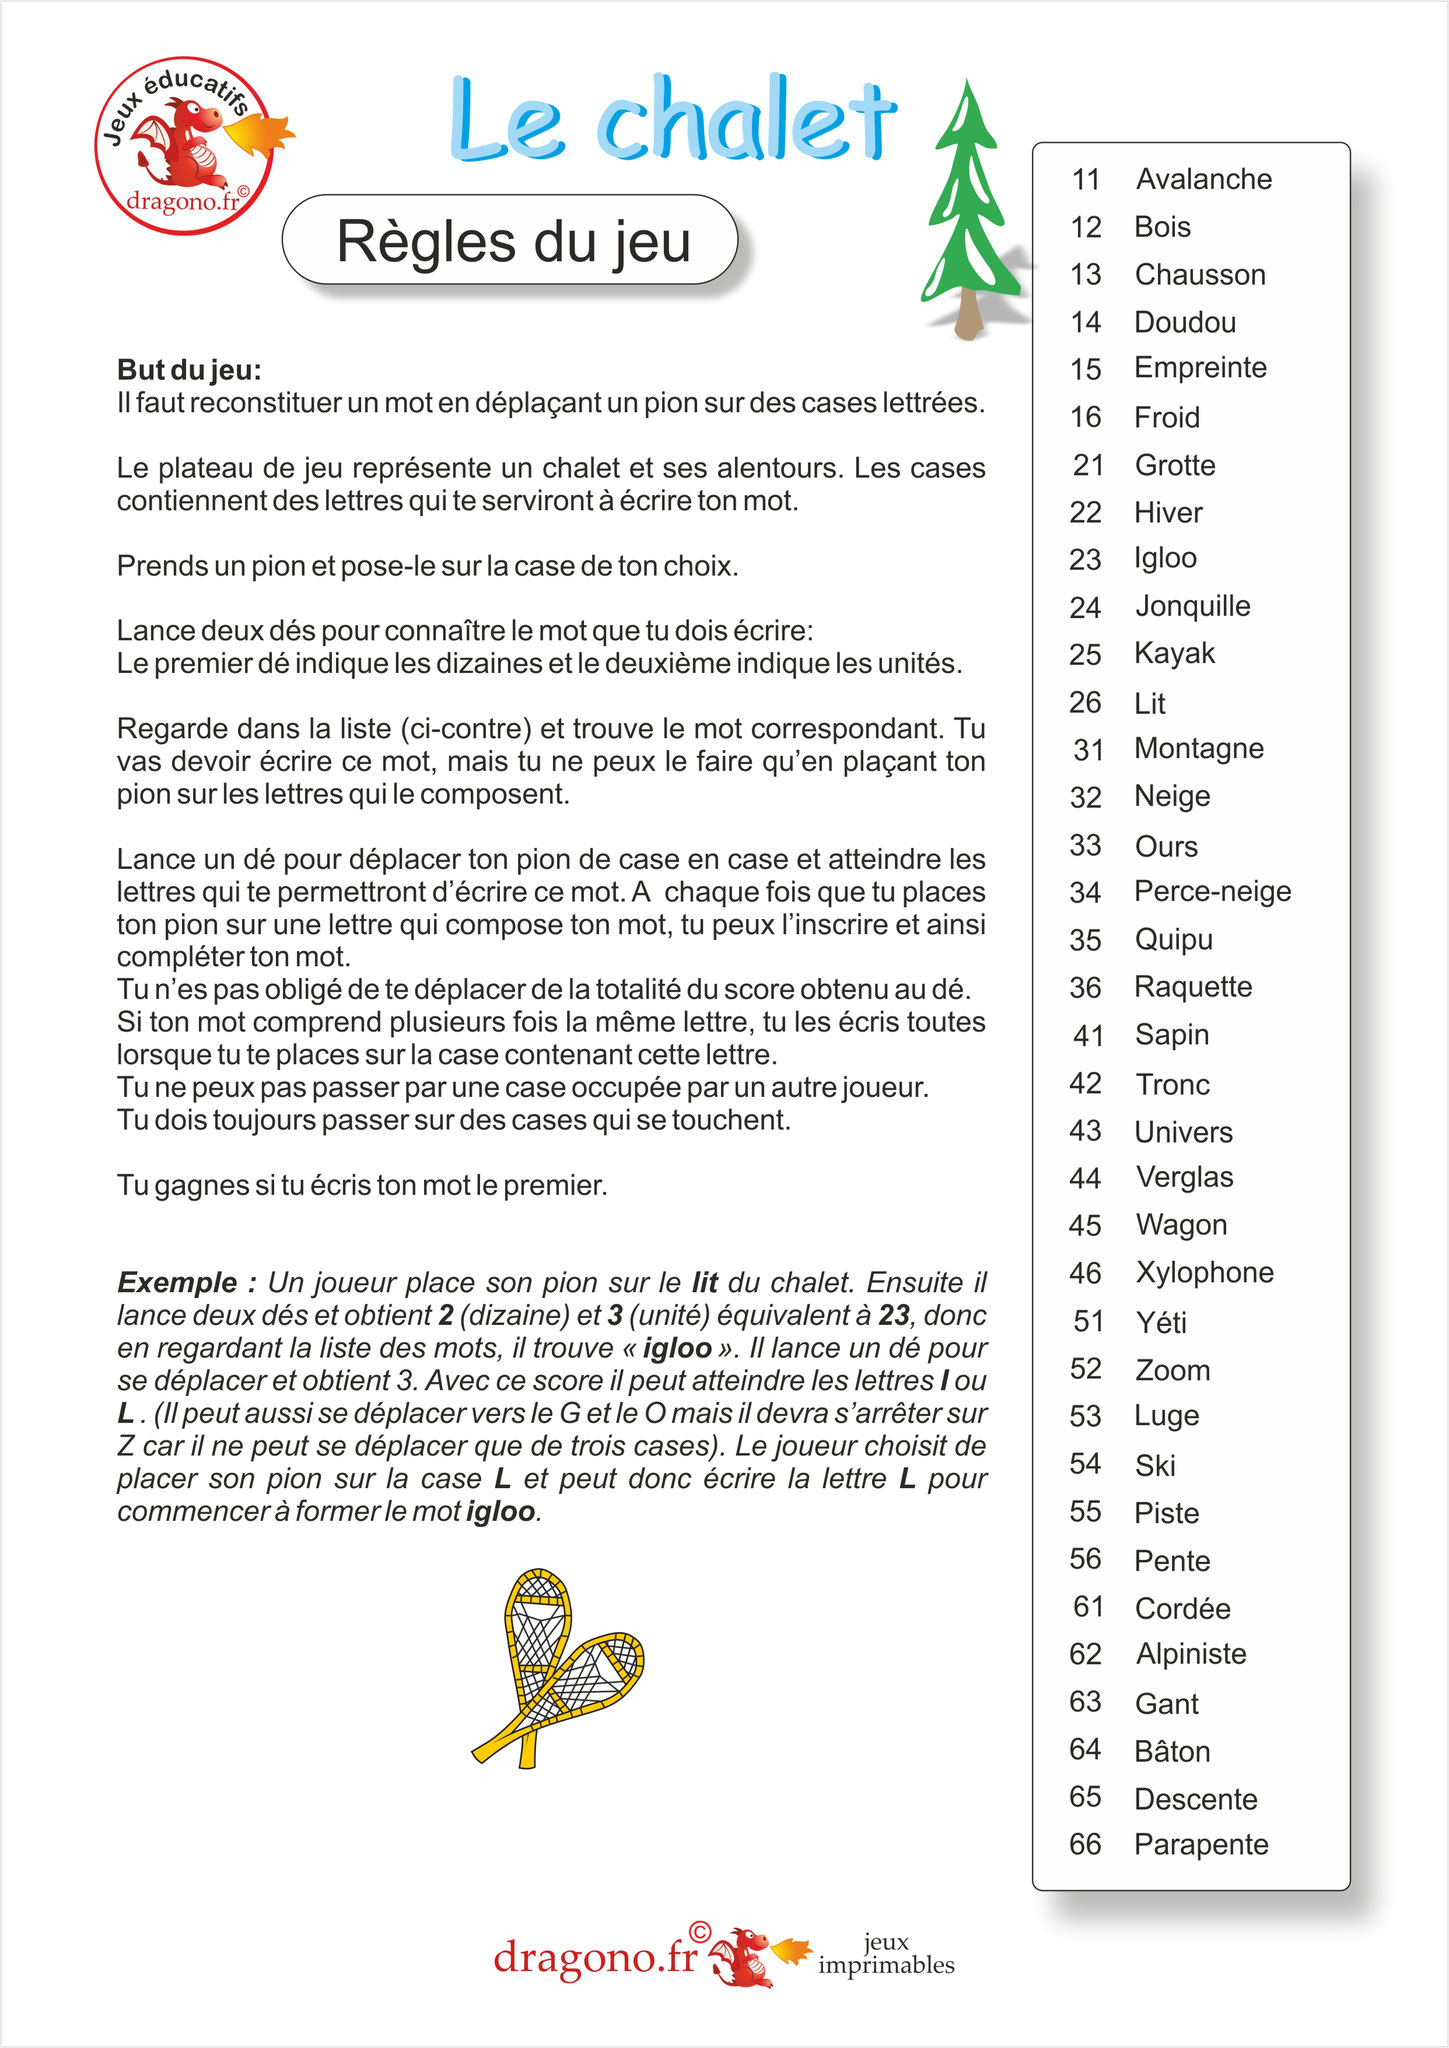 Jeu Éducatif À Imprimer Pour Apprendre L'orthographe Des tout Apprendre Les Animaux Jeux Éducatifs